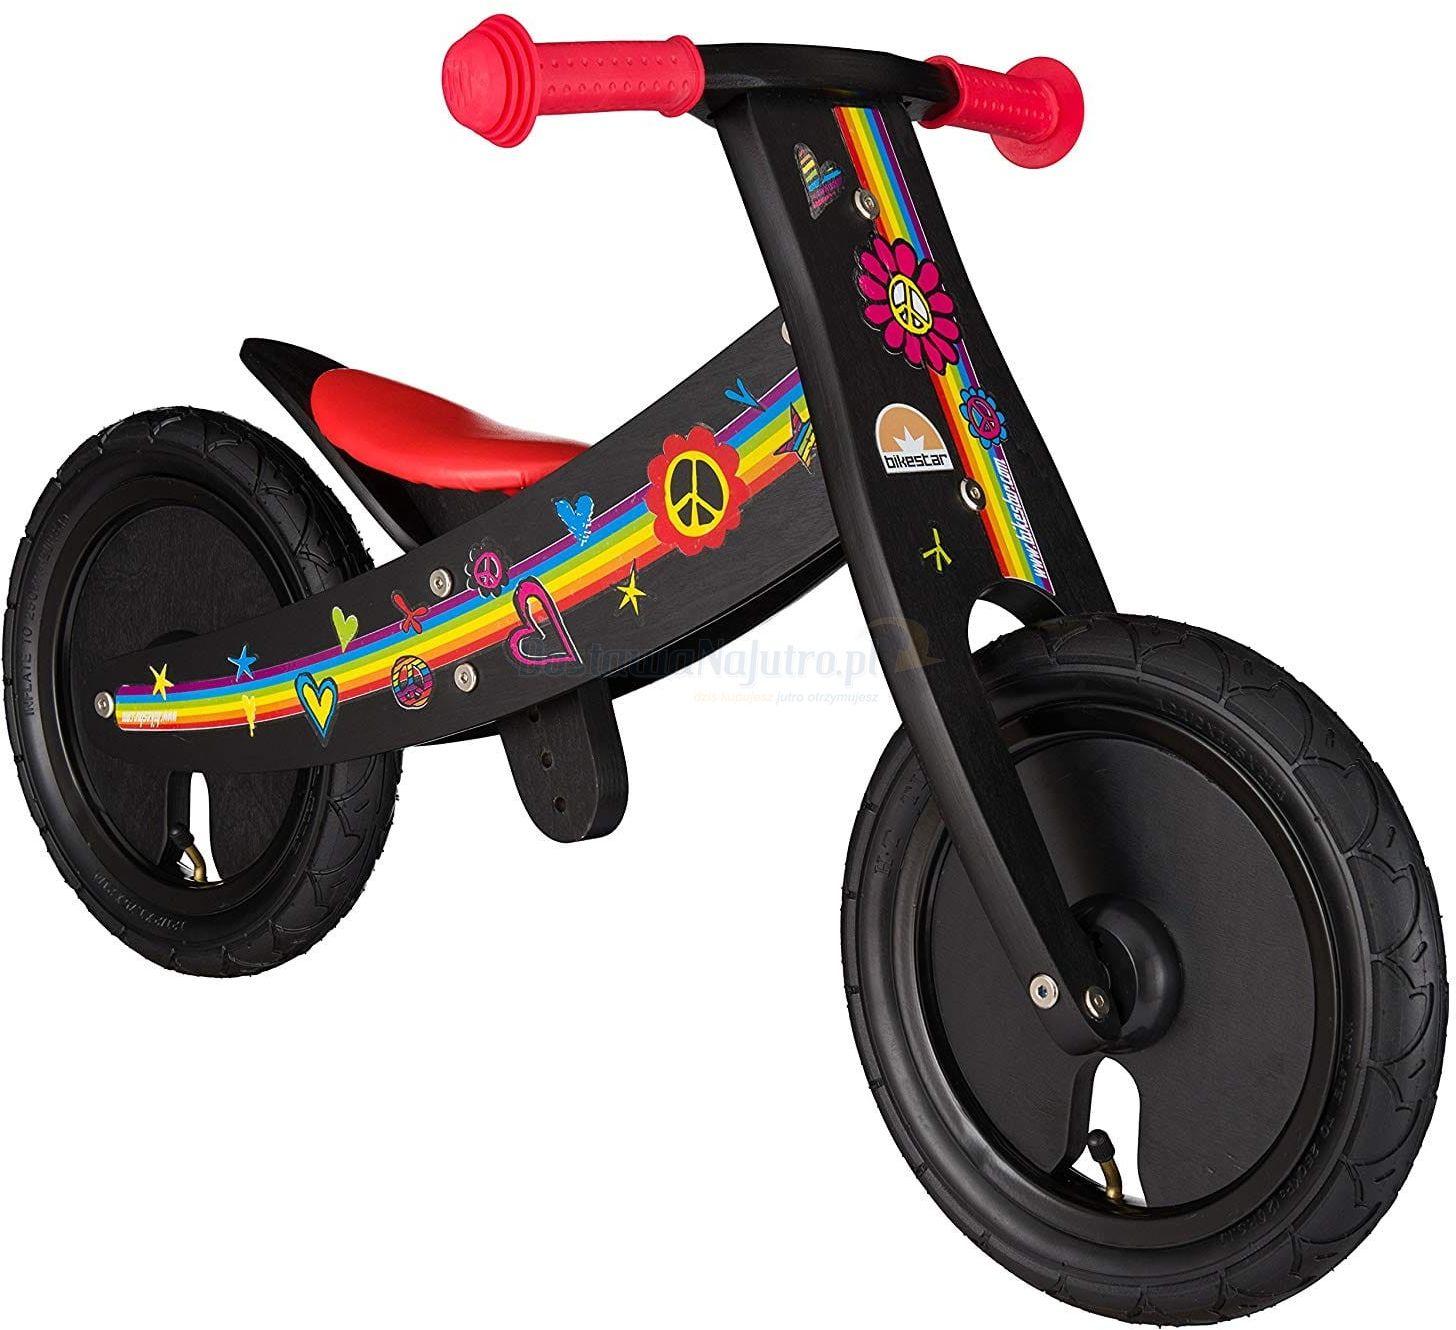 """Rowerek biegowy dwukołowy Bike Star 12"""" drewniana obracana rama 2 w 1 czarny"""